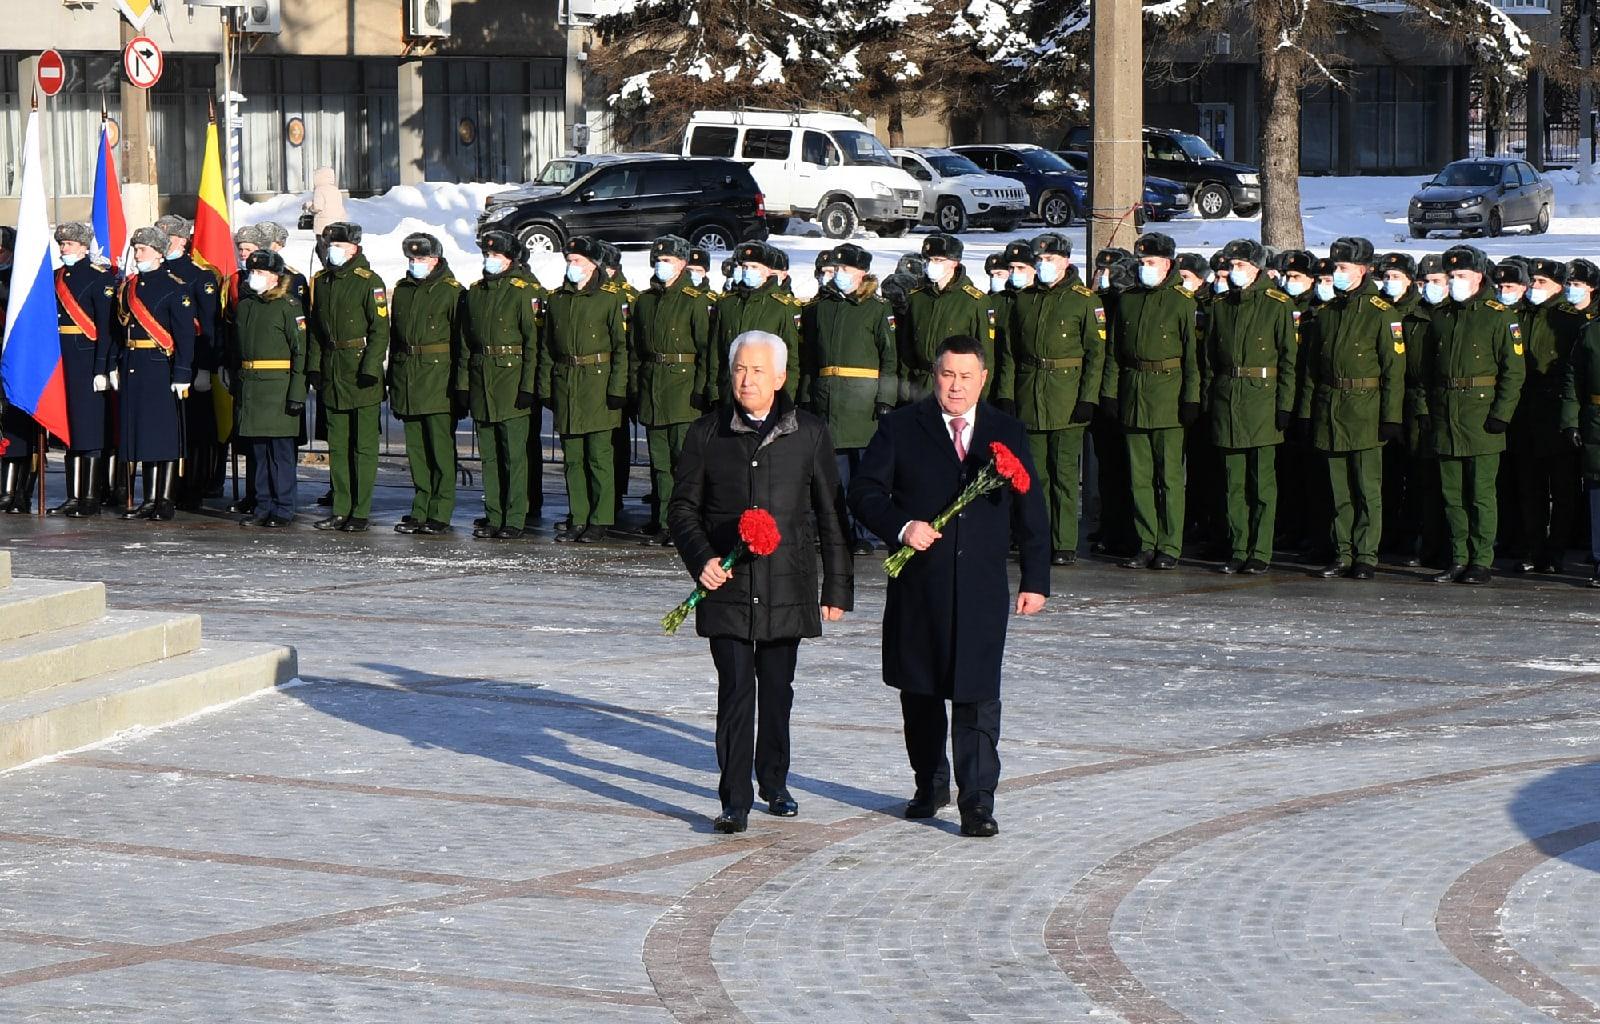 Игорь  Руденя и Владимир Васильев возложили цветы к стеле «Город воинской славы» в Твери